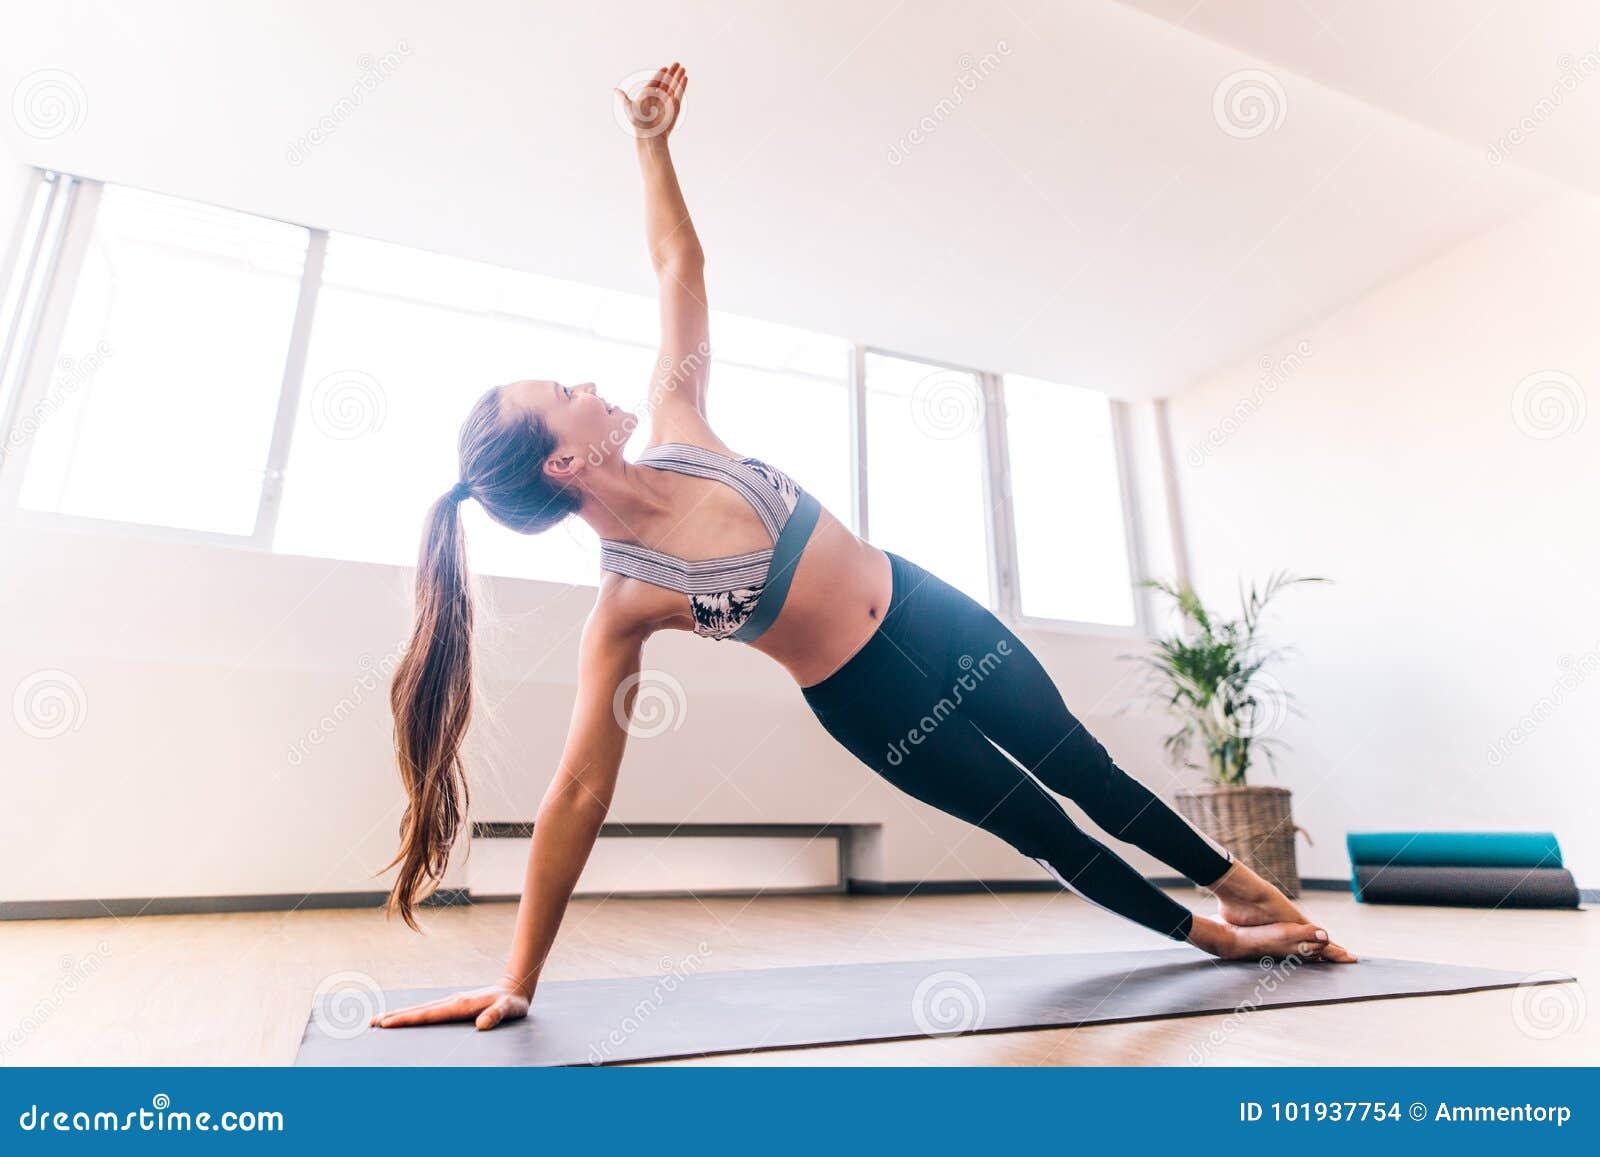 Femme Mince Faisant La Pose Laterale De Yoga De Planche Photo Stock Image Du Exercice Lifestyle 101937754